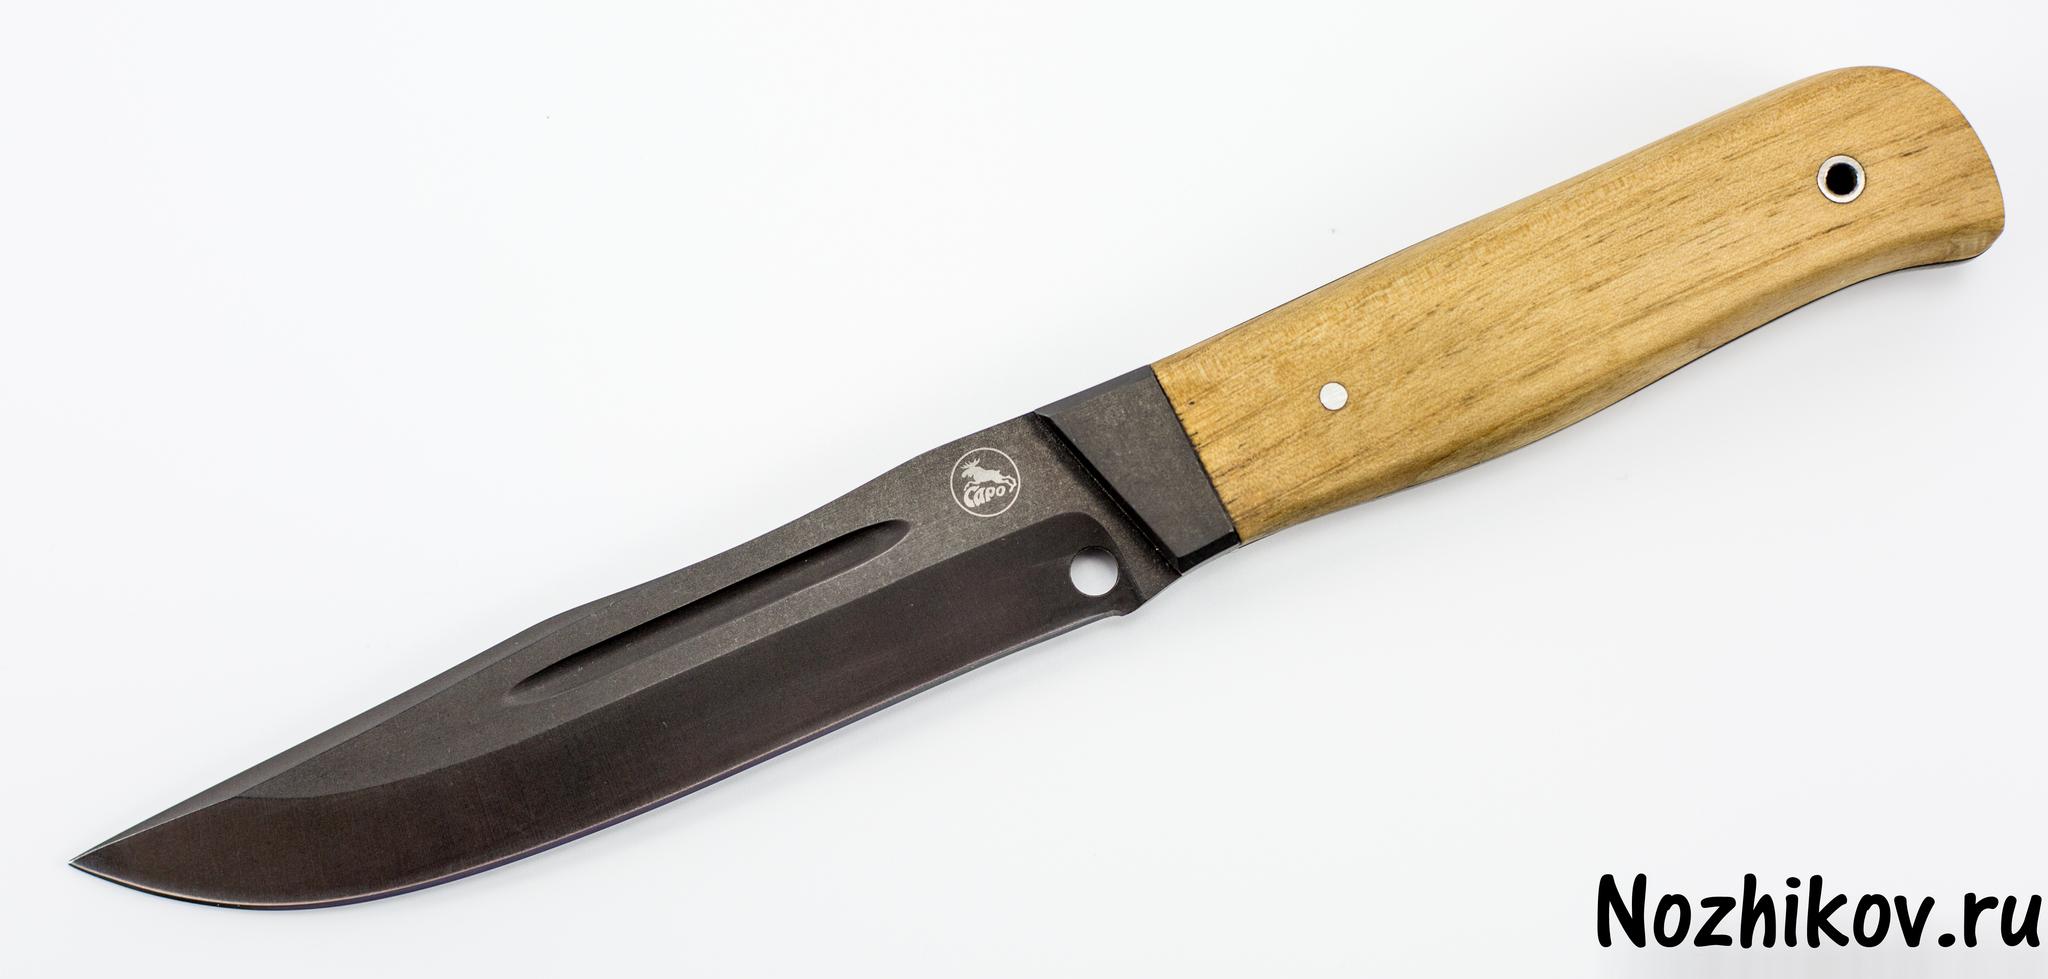 Нож Каюр, 65Г